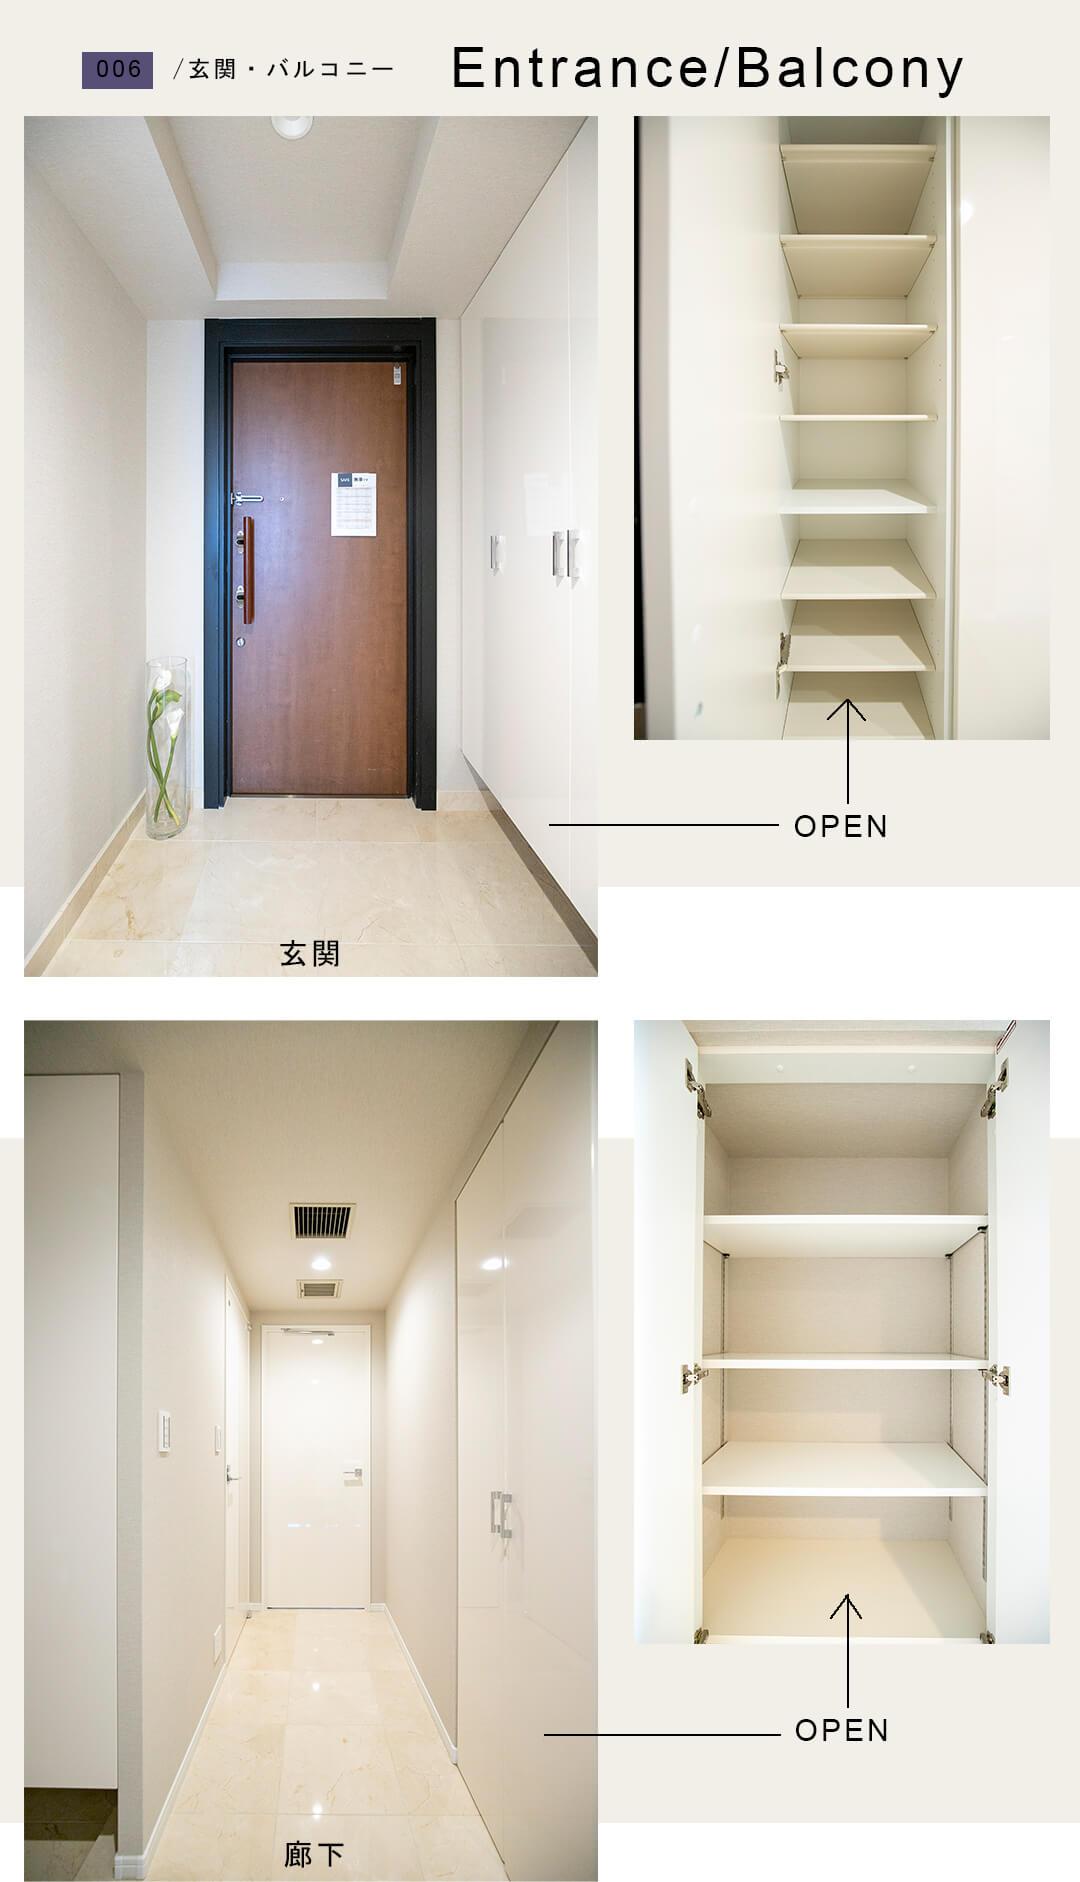 006玄関,バルコニー,Entrance,Balcony